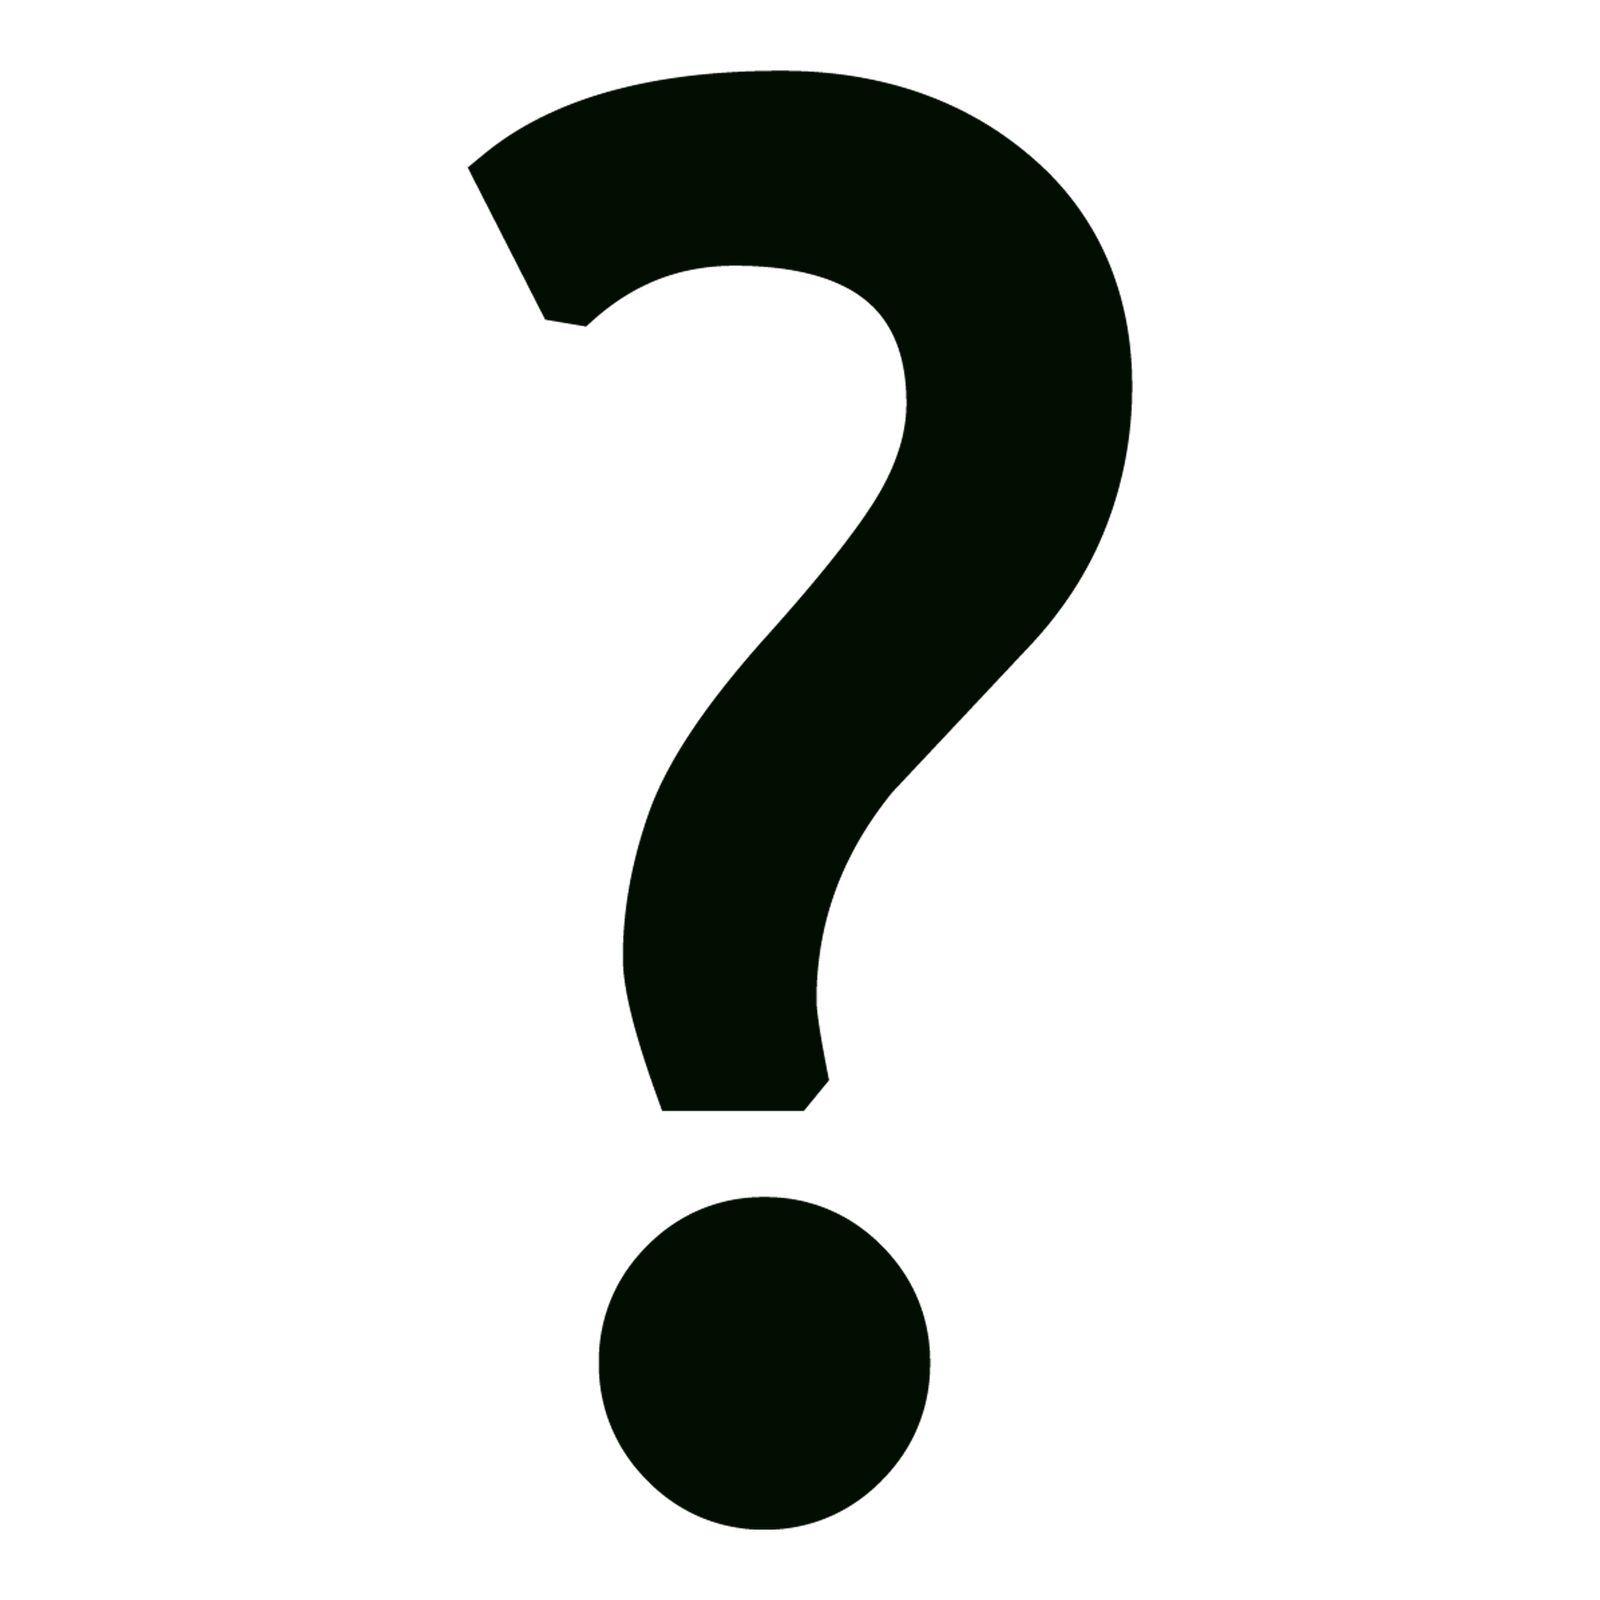 signo de interrogación - Buscar con Google | Cosas para comprar ...